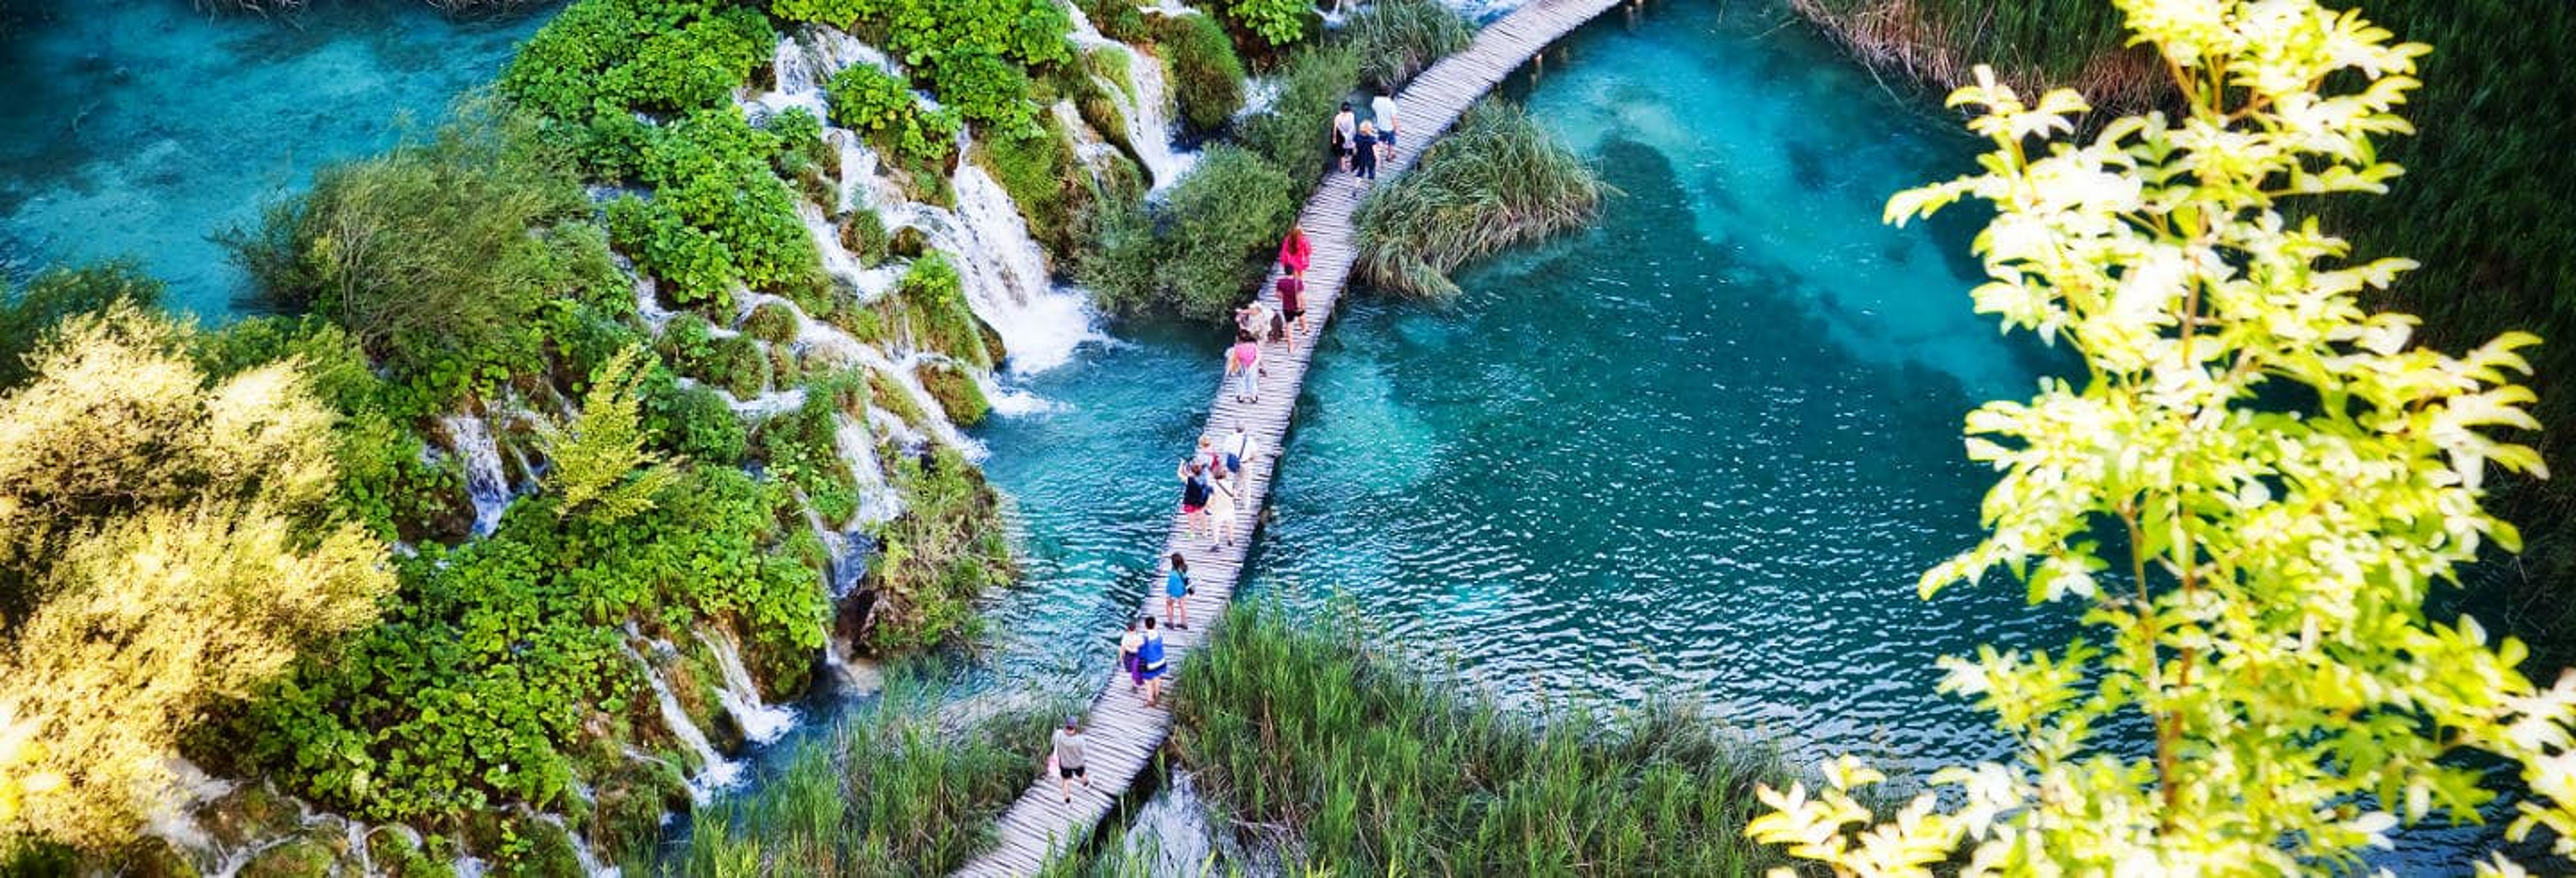 Excursão aos lagos Plitvice